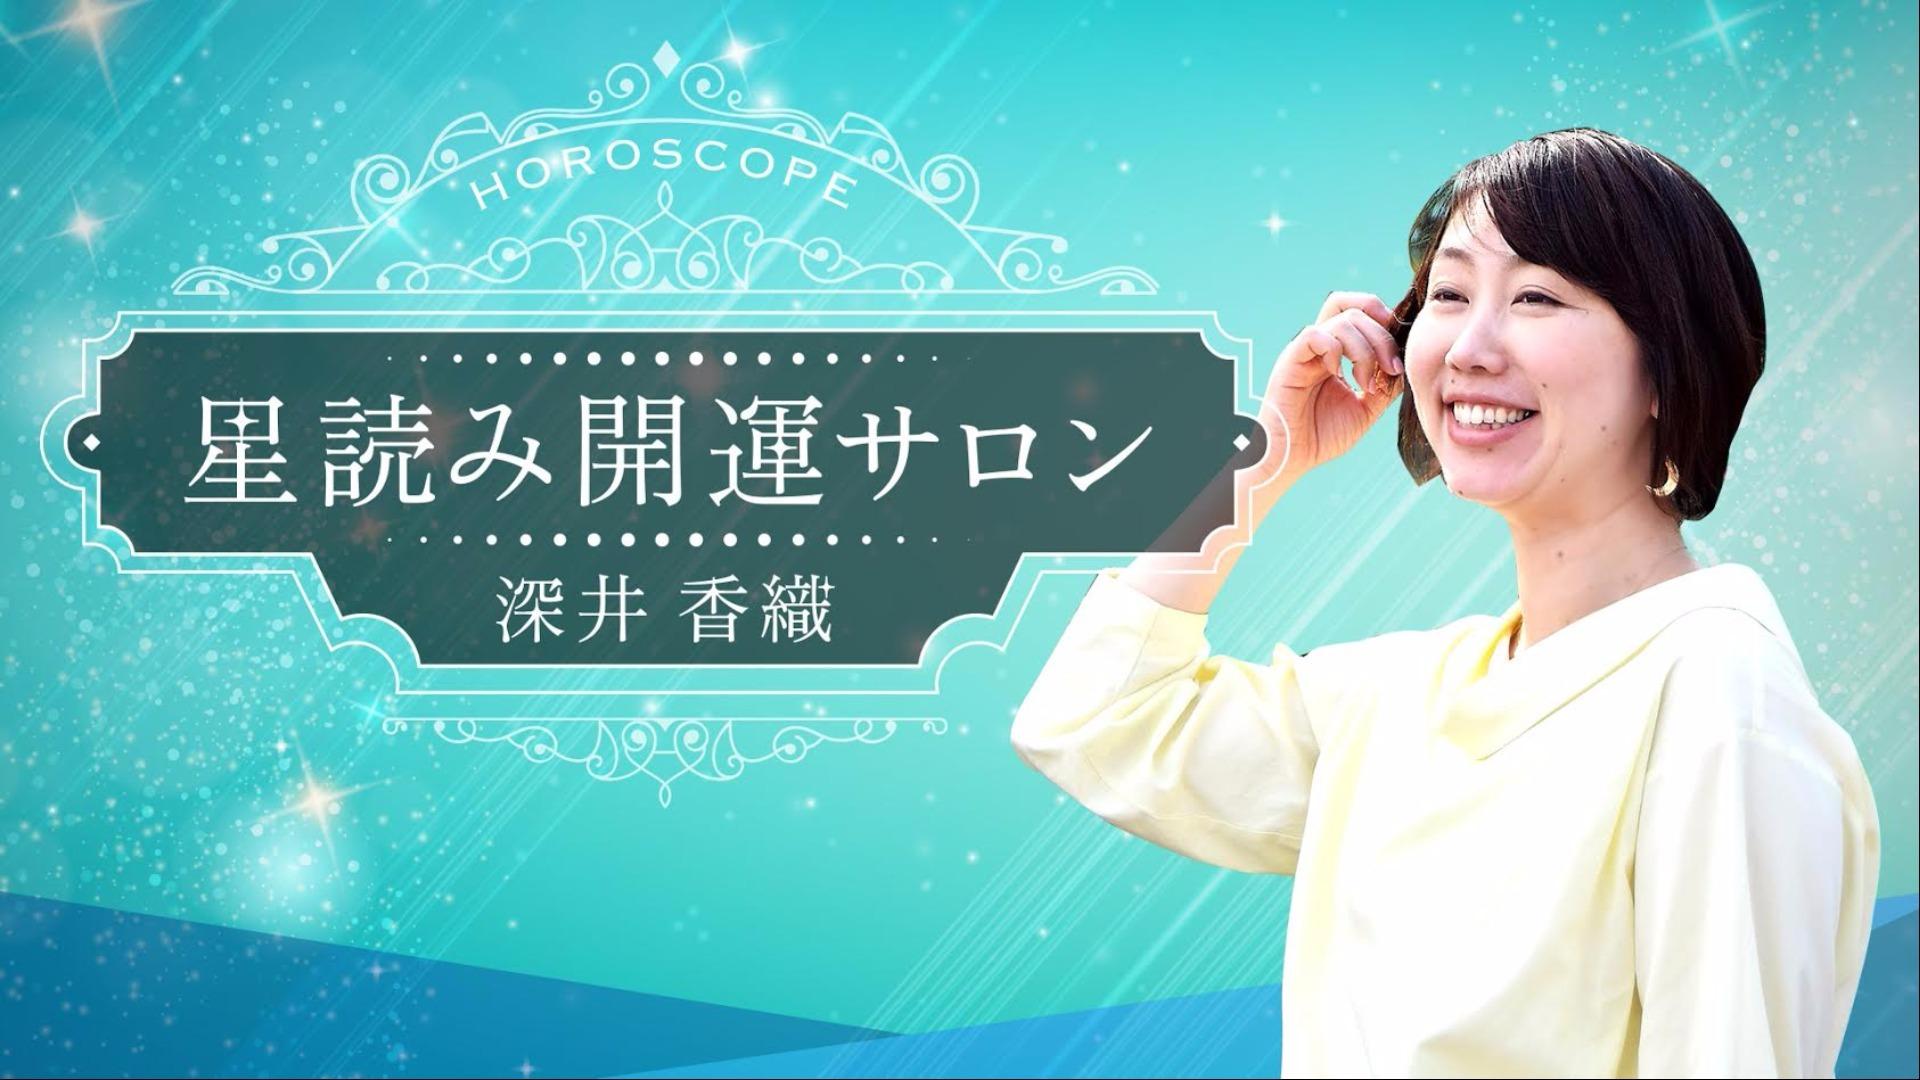 星読み開運ガイド 深井香織 - 星読み開運サロン - DMM オンラインサロン